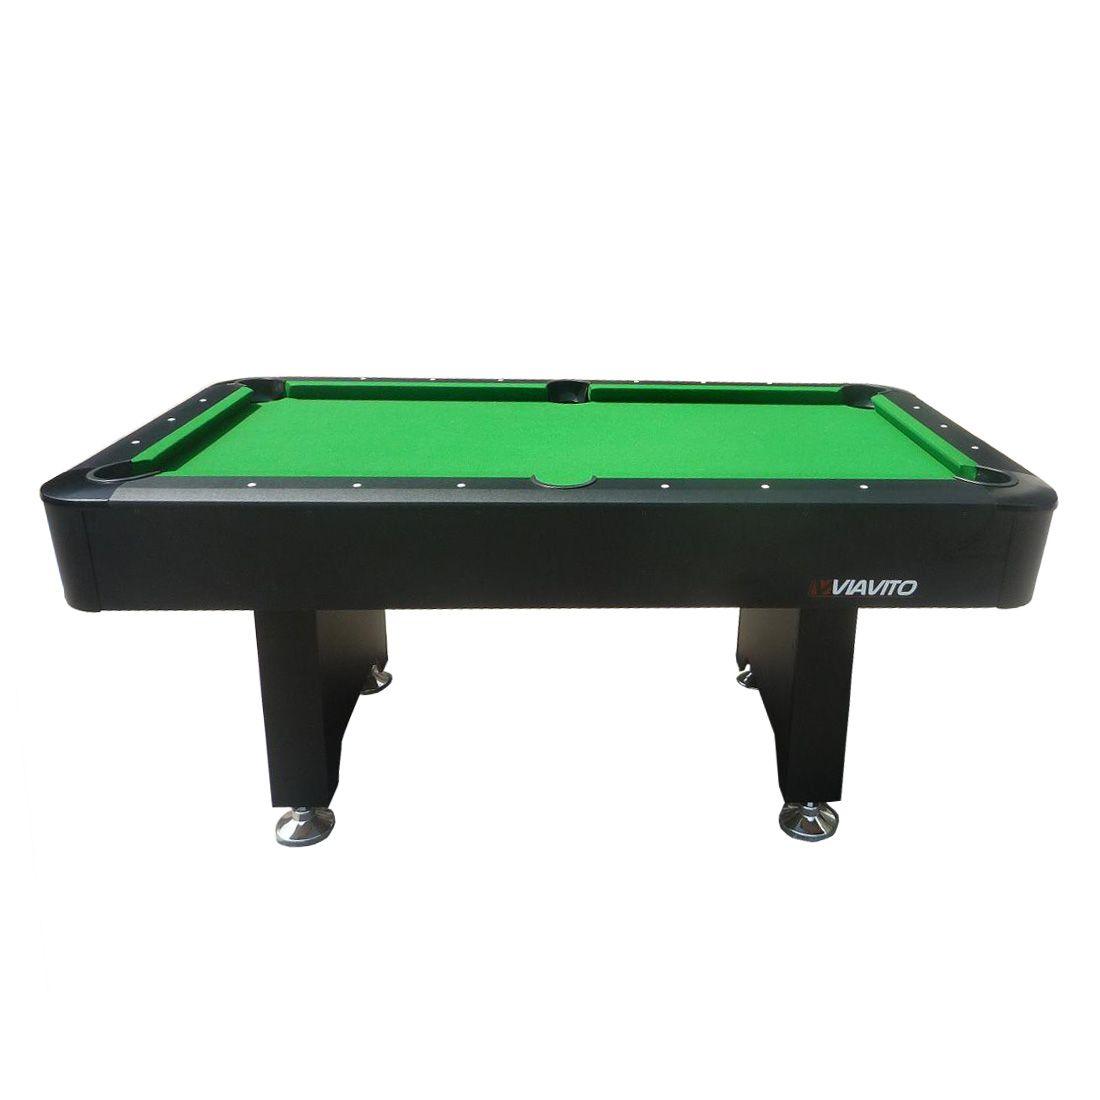 Viavito pt200 6ft pool table for Pool table 6 x 3